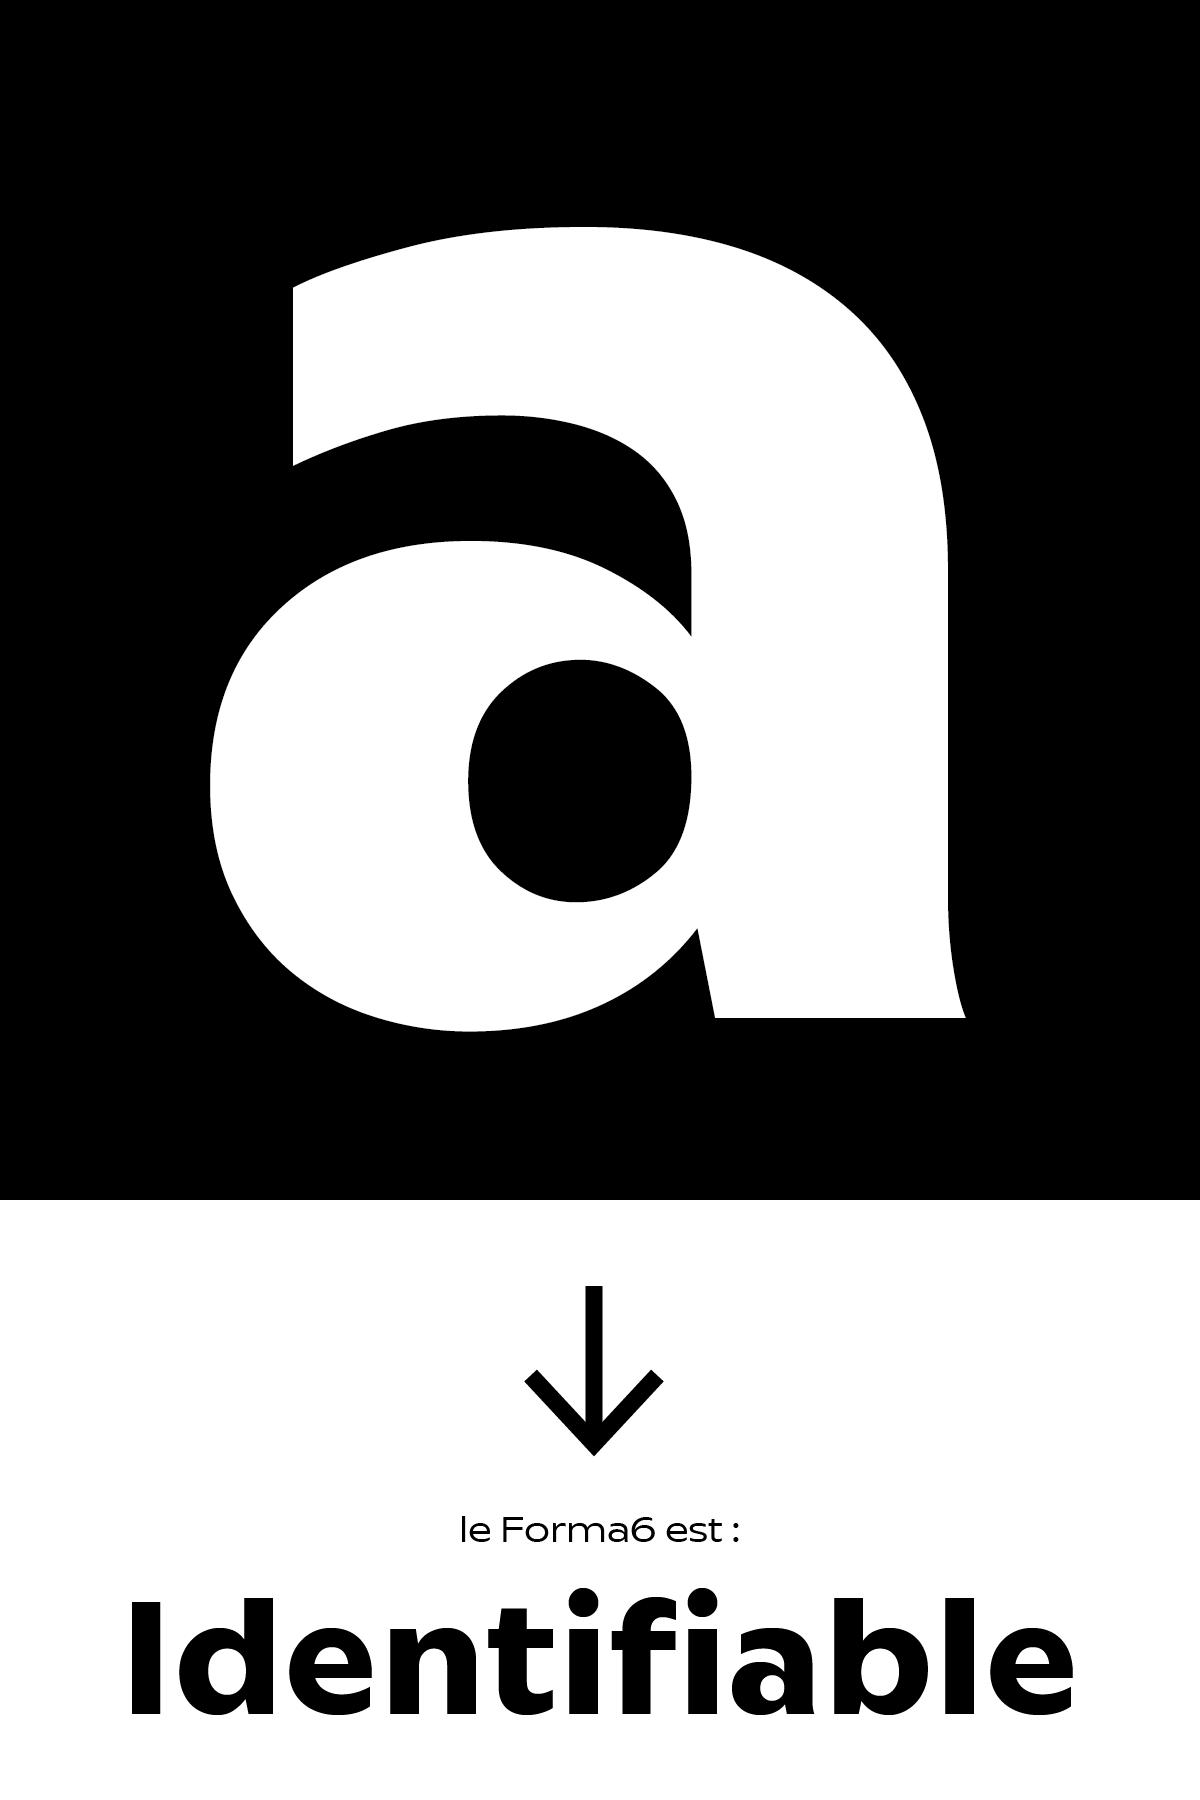 Le forma6 est un caractère typographique facilement identifiable